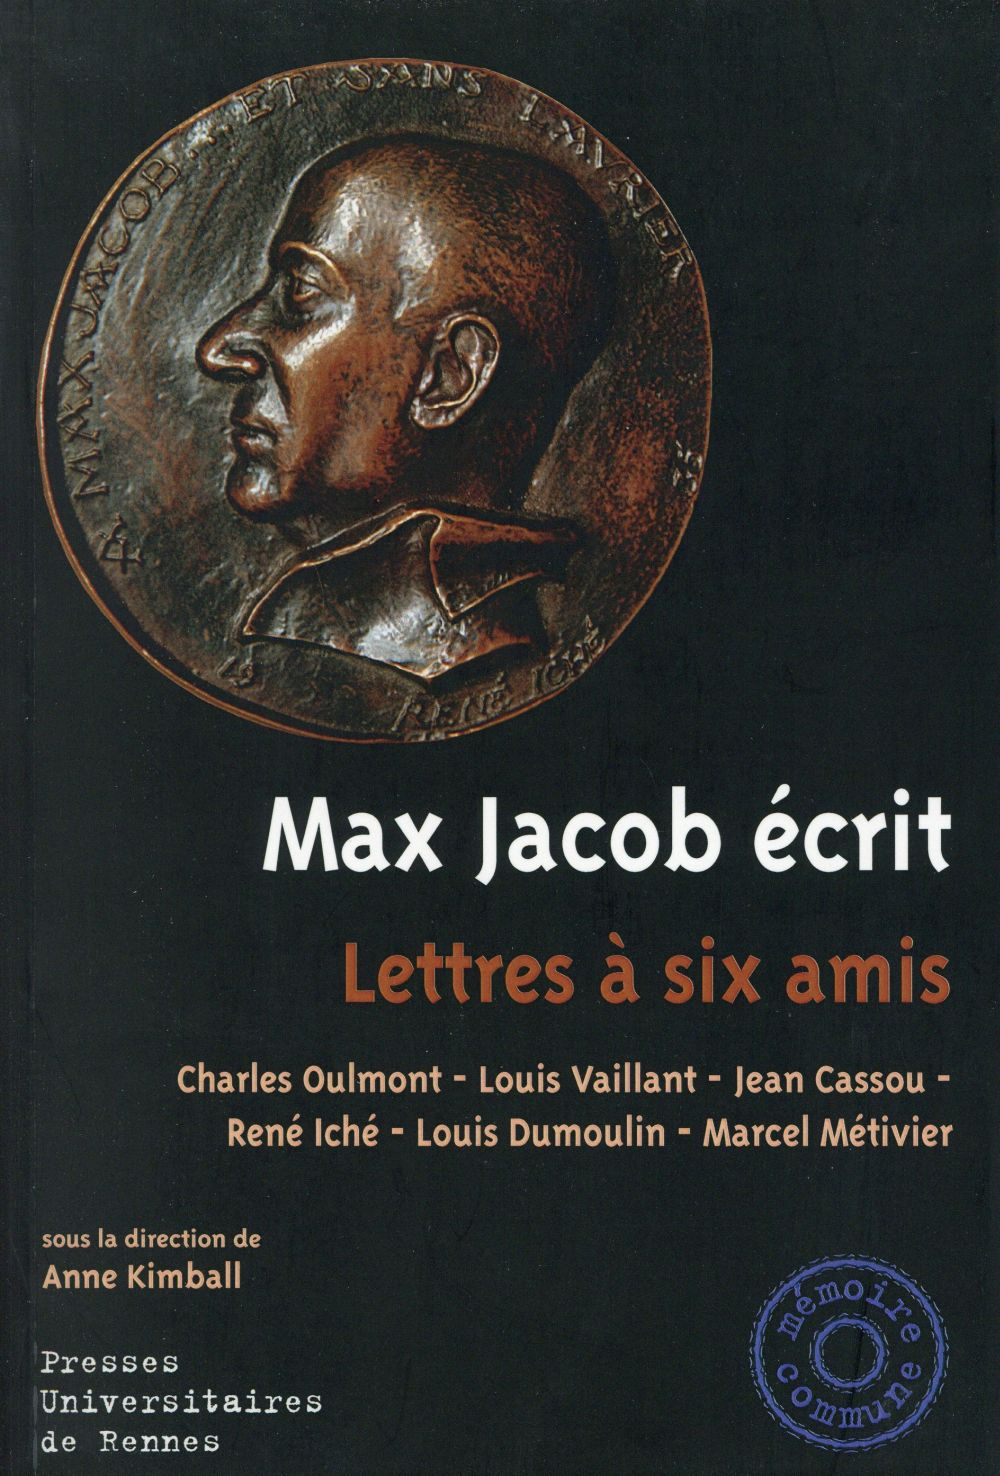 Max Jacob écrit